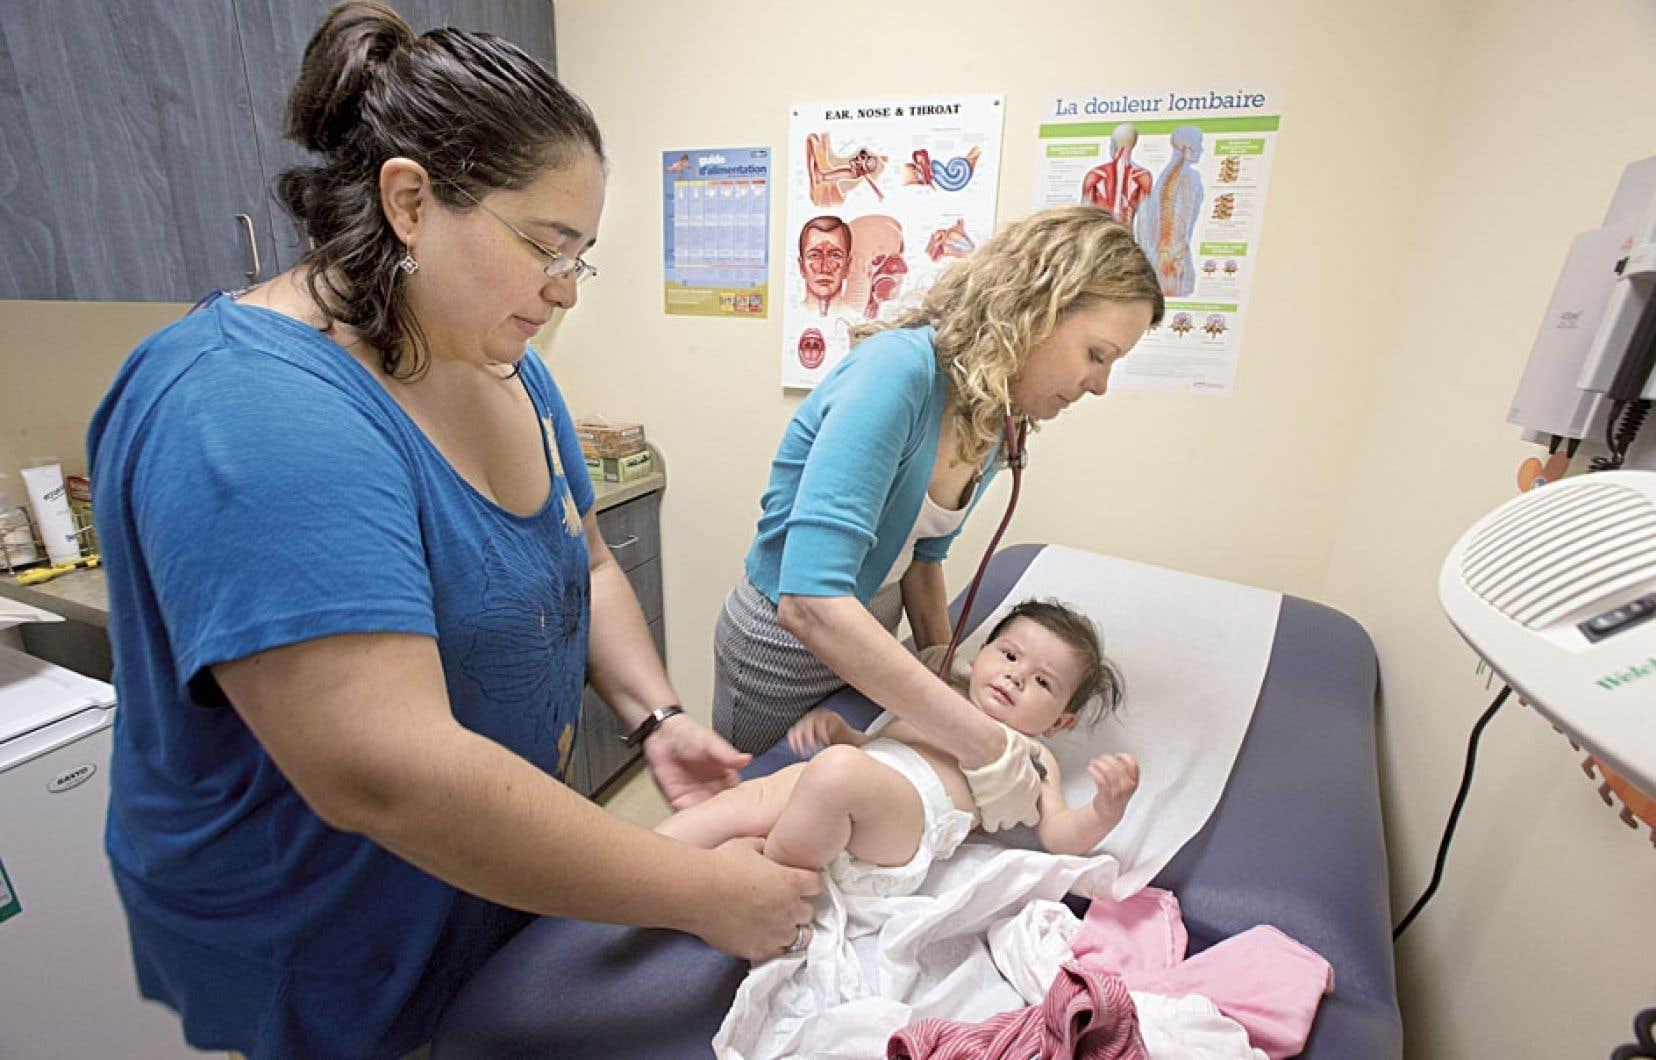 Les groupes de médecine familiale sont une solution pertinente à l'engorgement du système de santé.